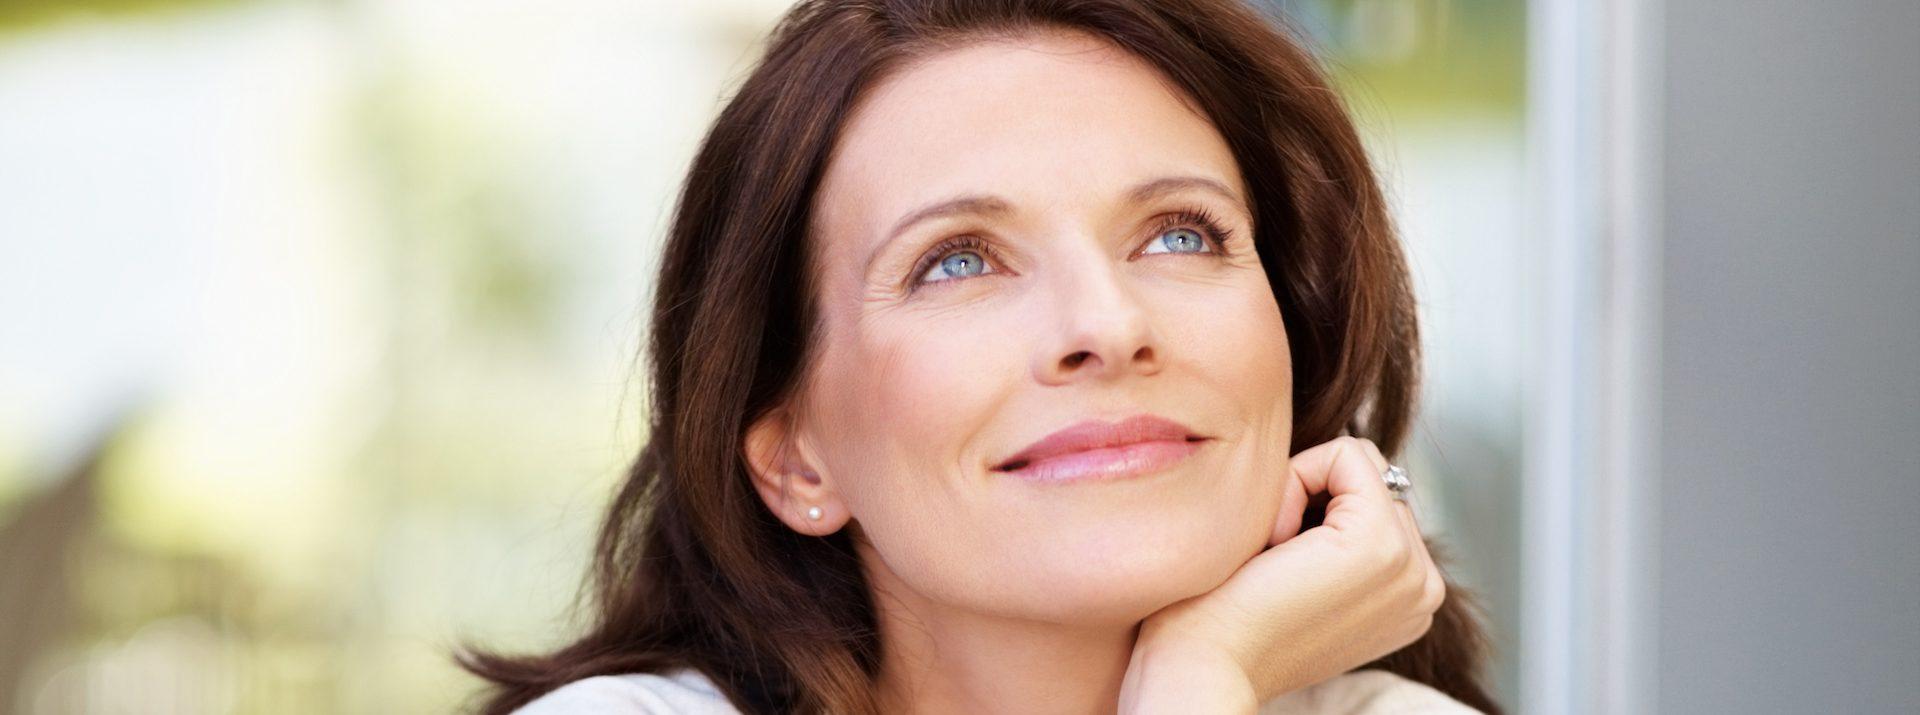 Verminder huidveroudering